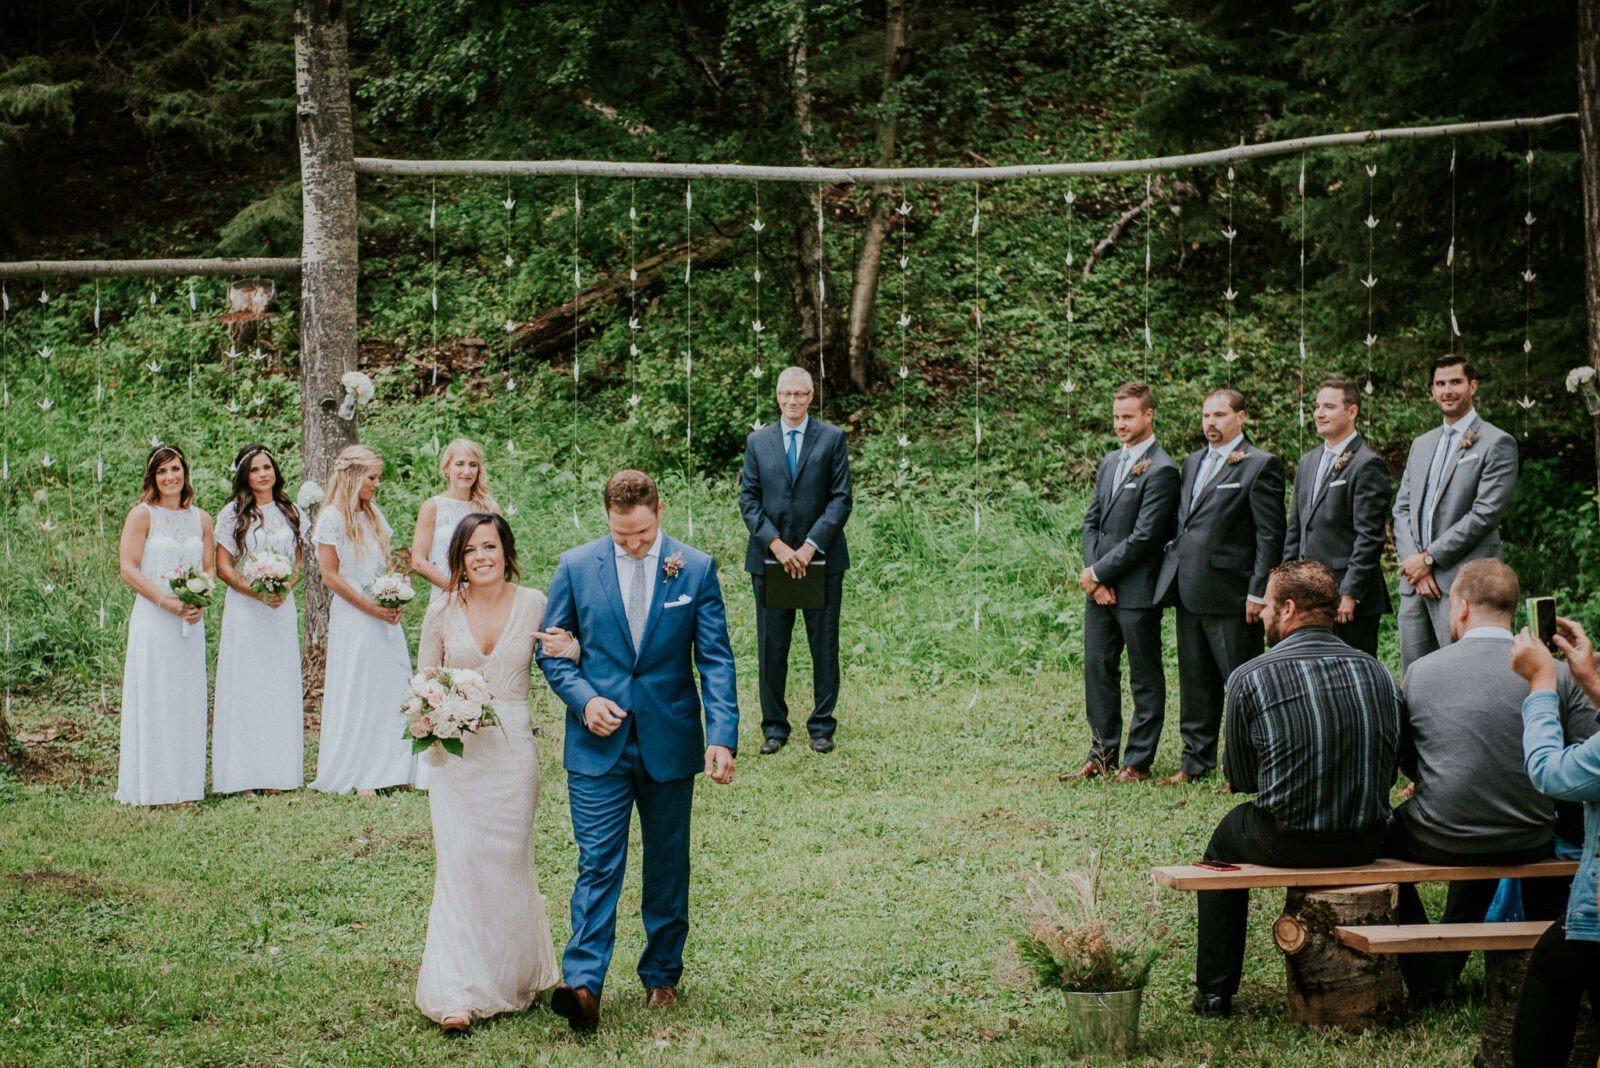 Wedding in the woods of Alberta.